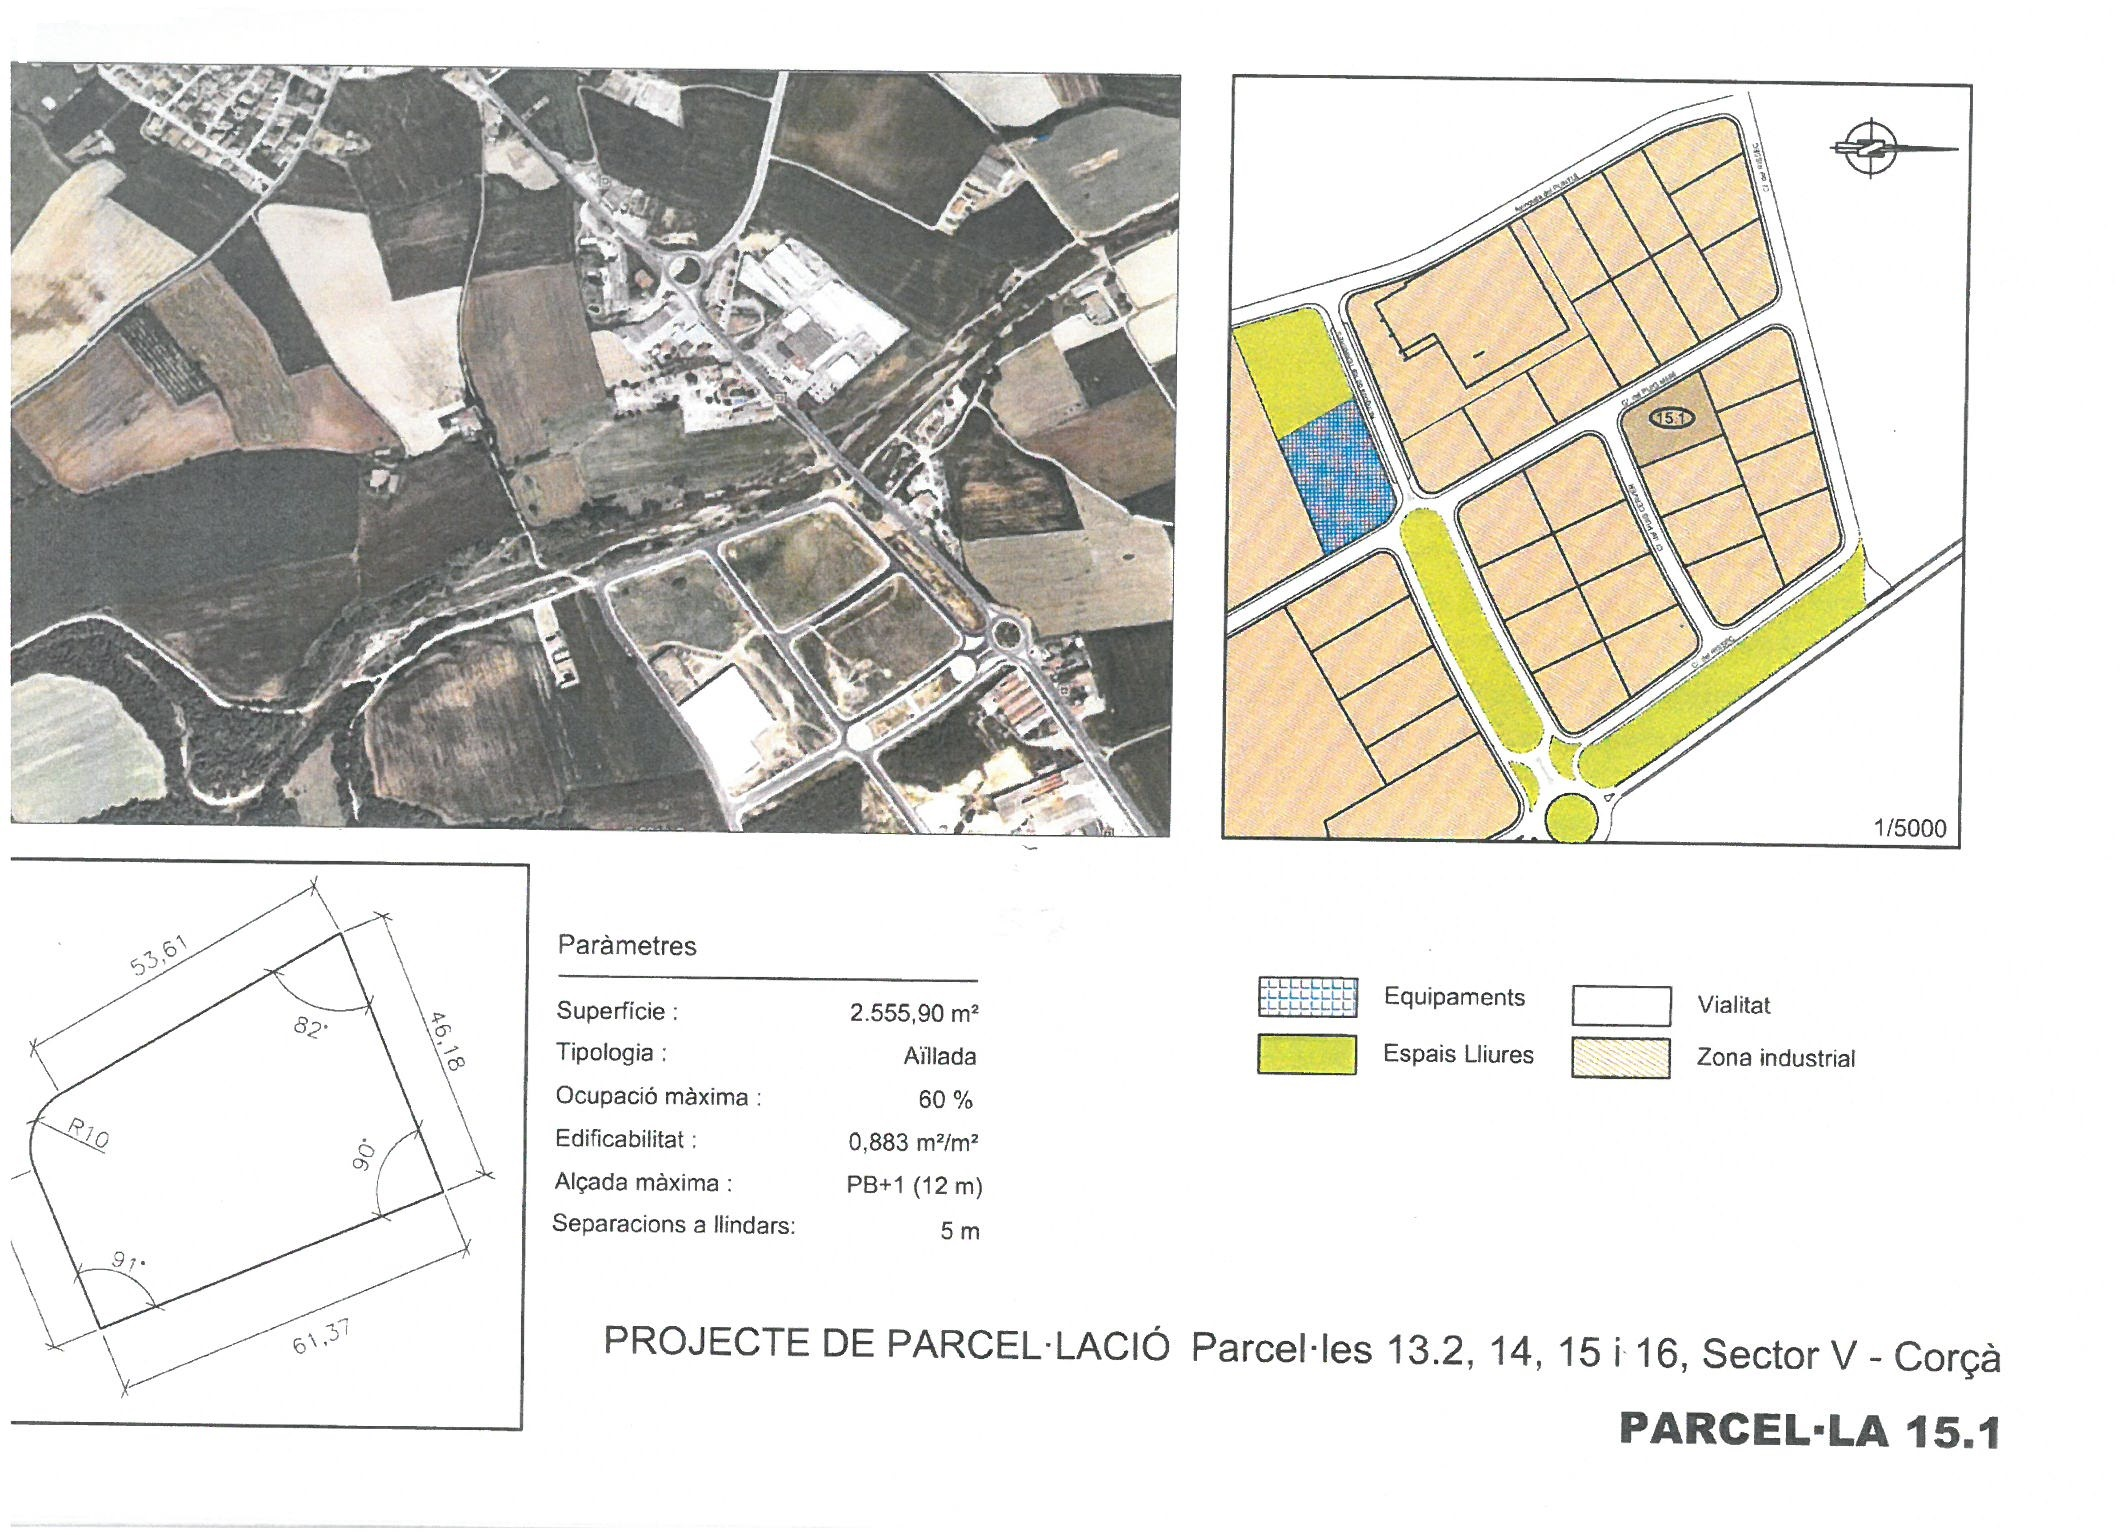 Terme municipal de Corcà, parcel•la 15.1